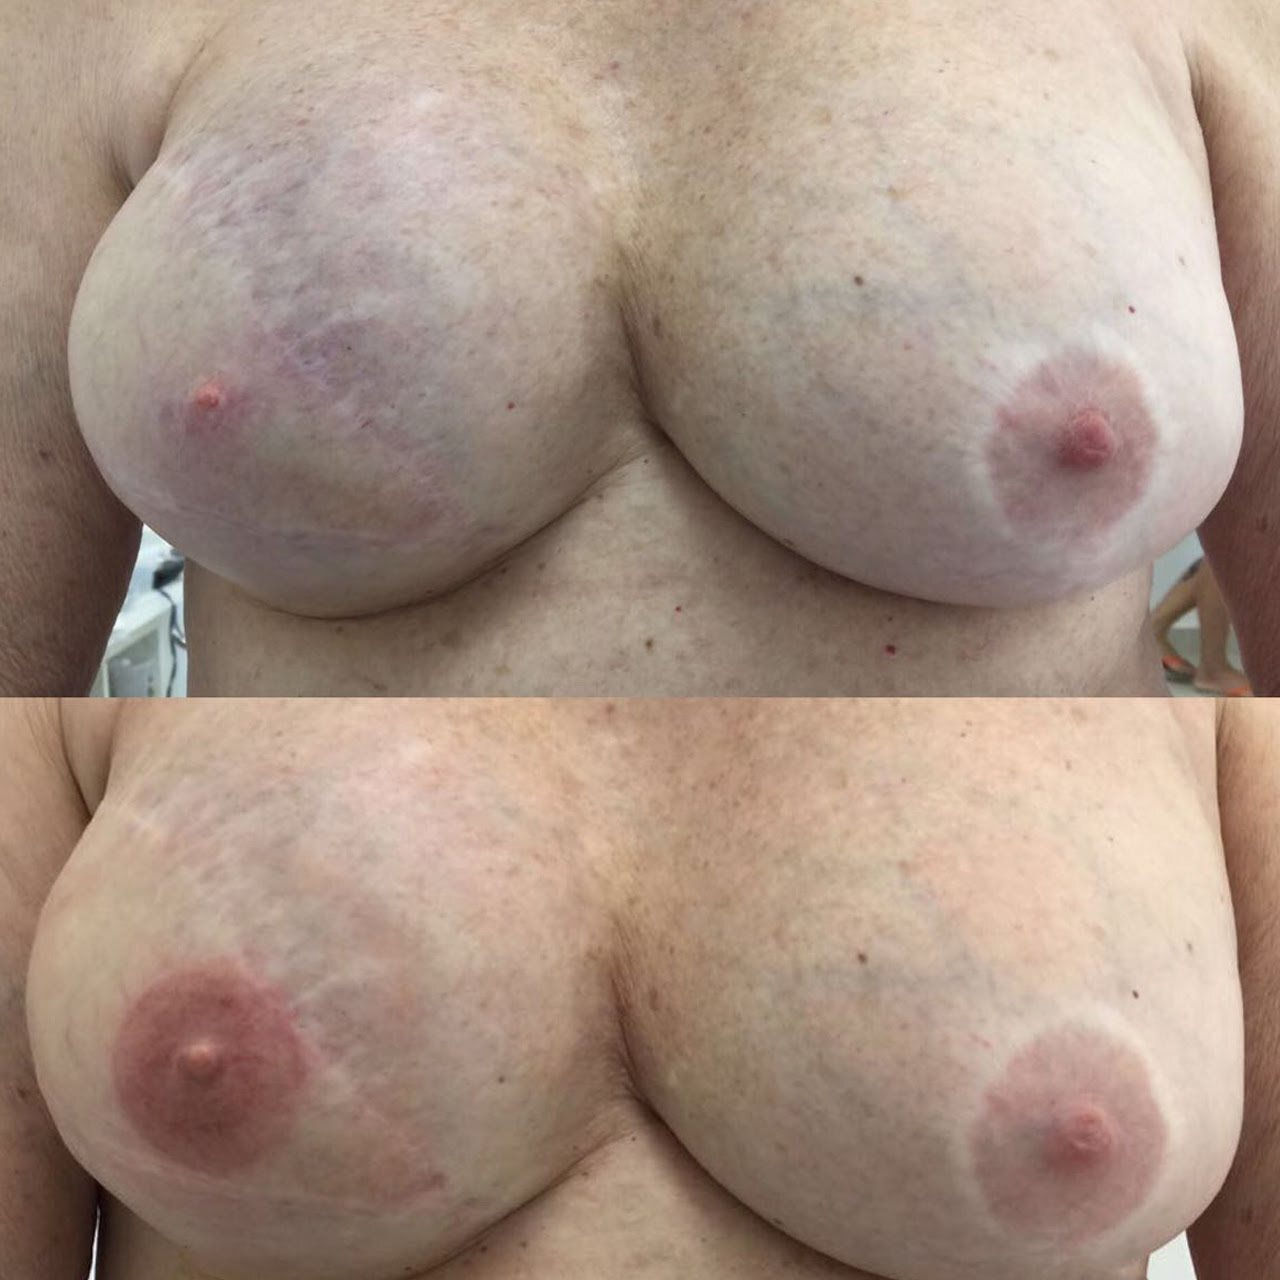 fotos de mamas antes e depois da tatuagem